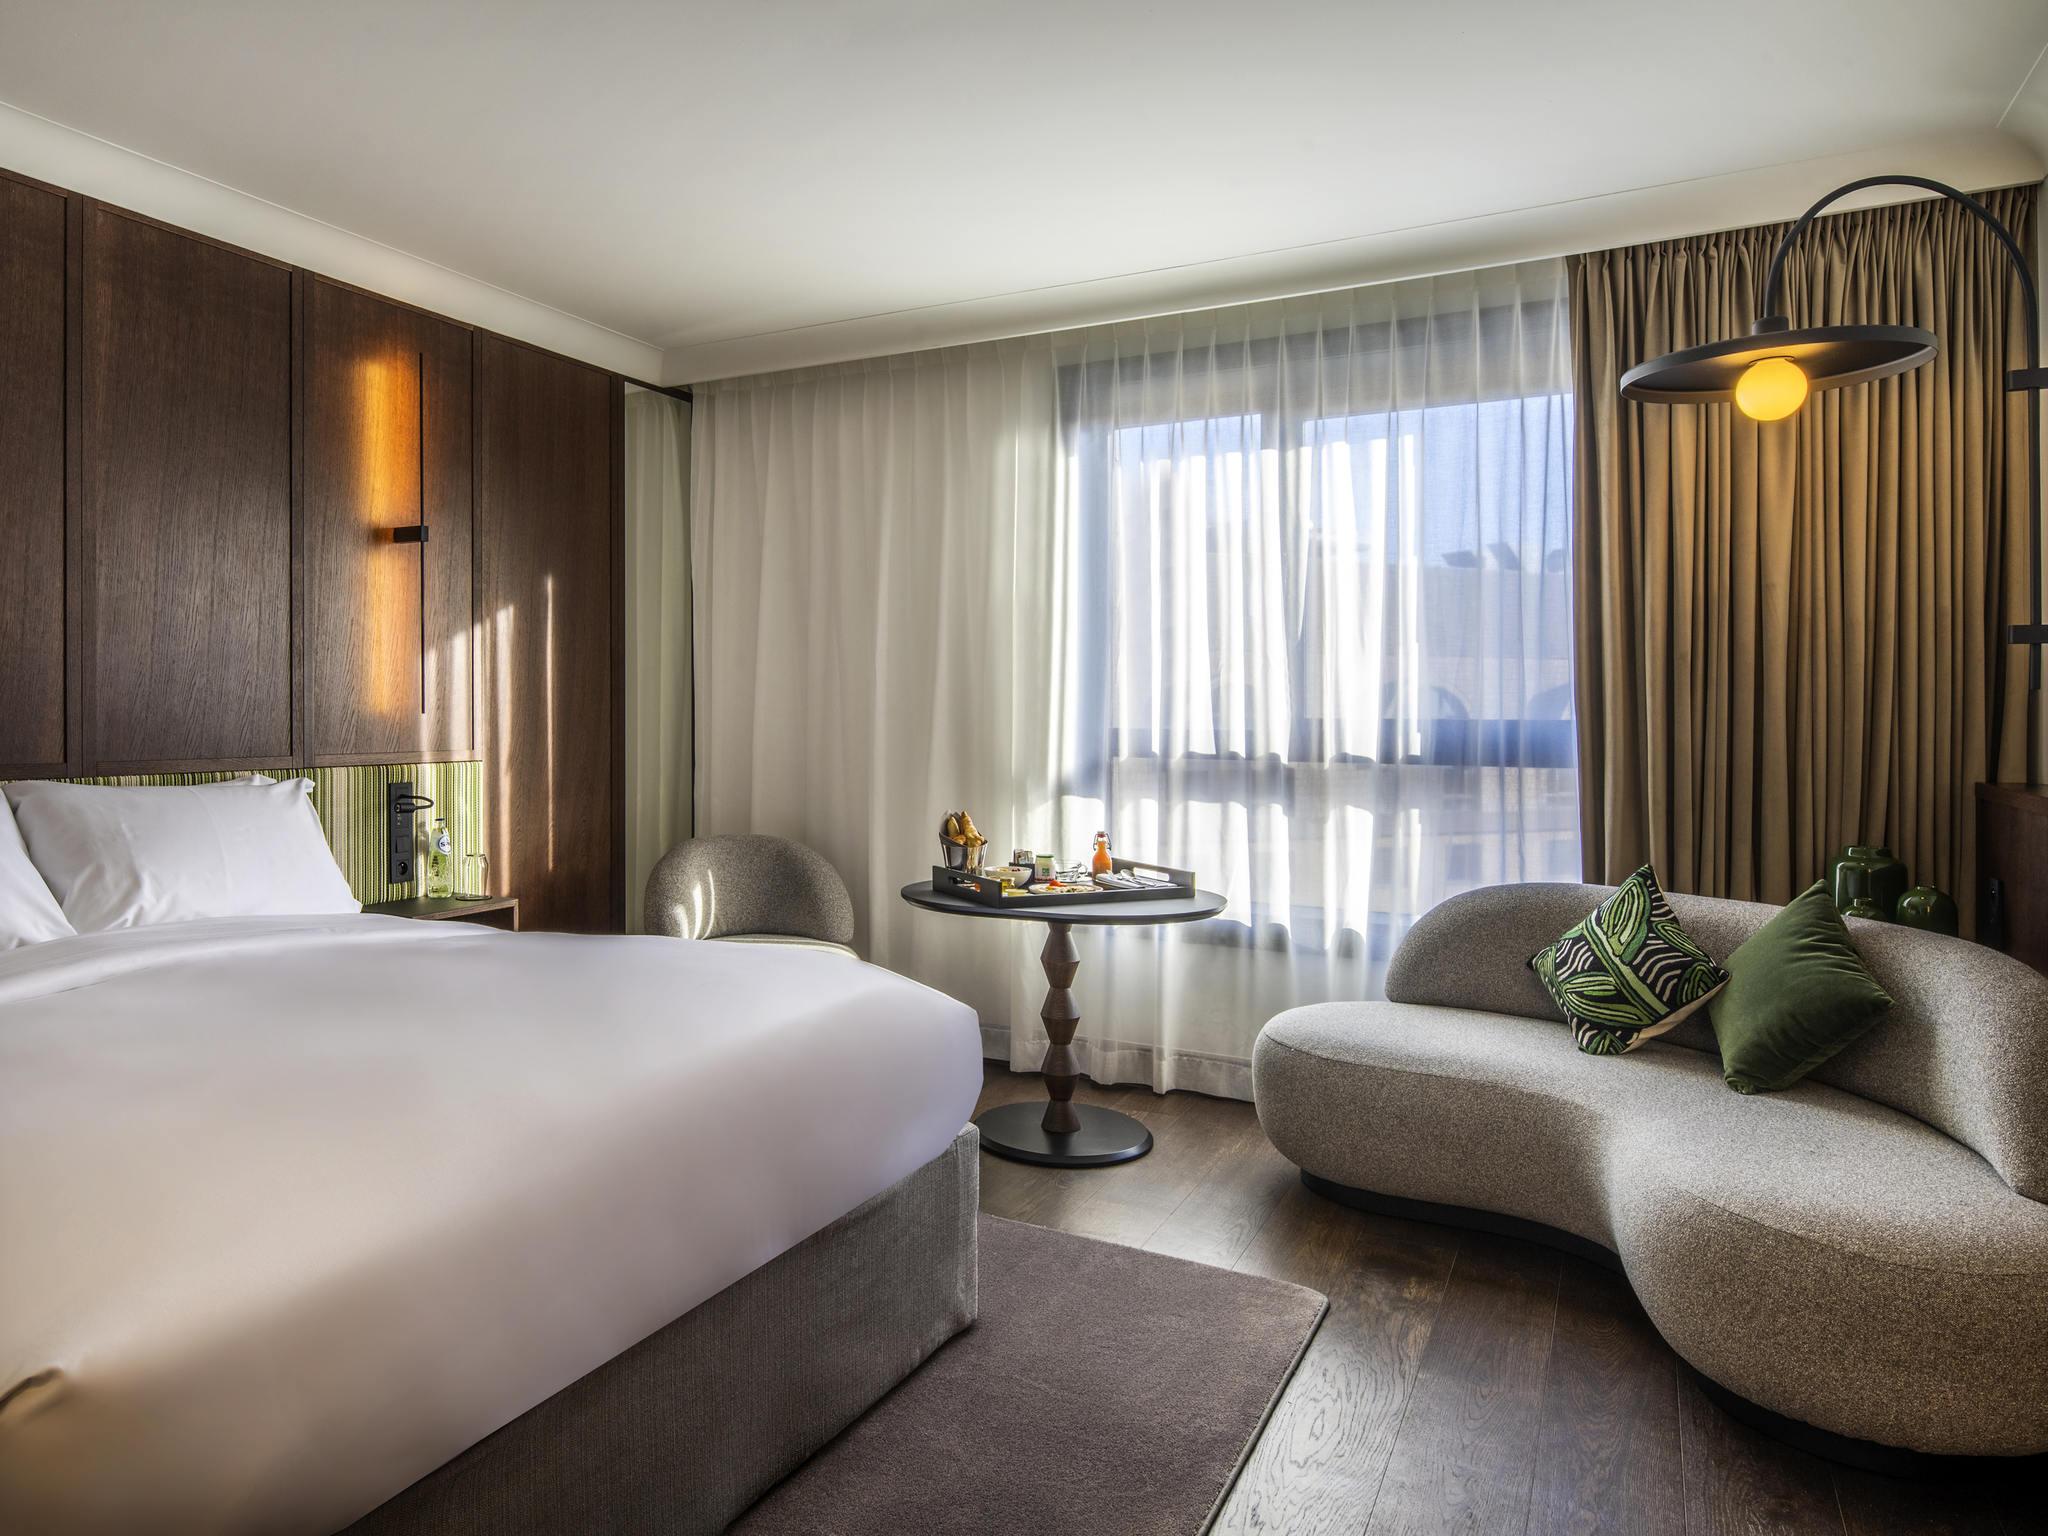 ホテル – ソフィテルブリュッセルルルイーズ